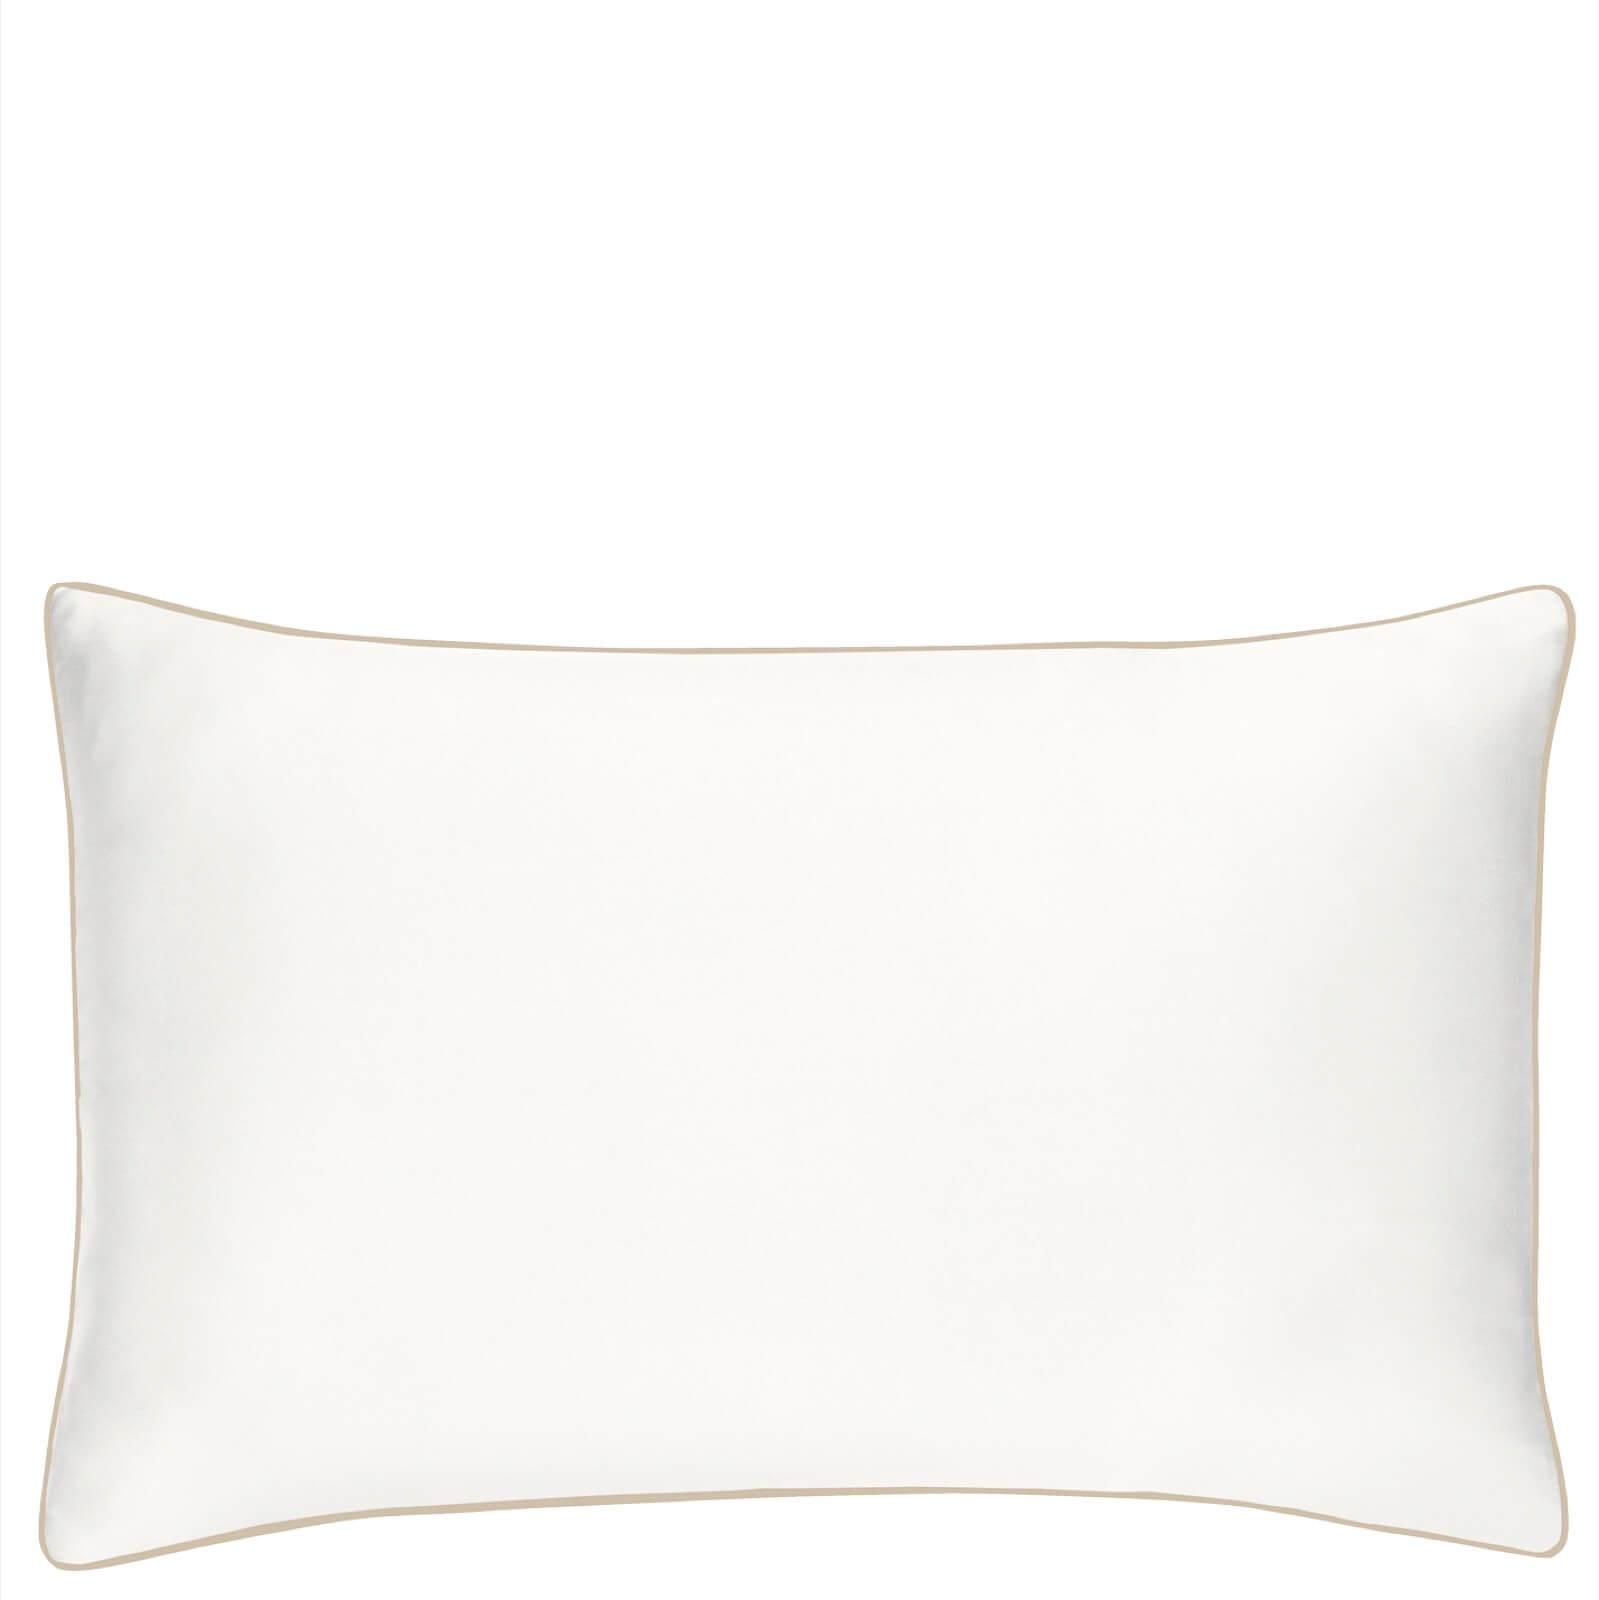 Iluminage Federa per cuscino ringiovanente per la pelle - bianco